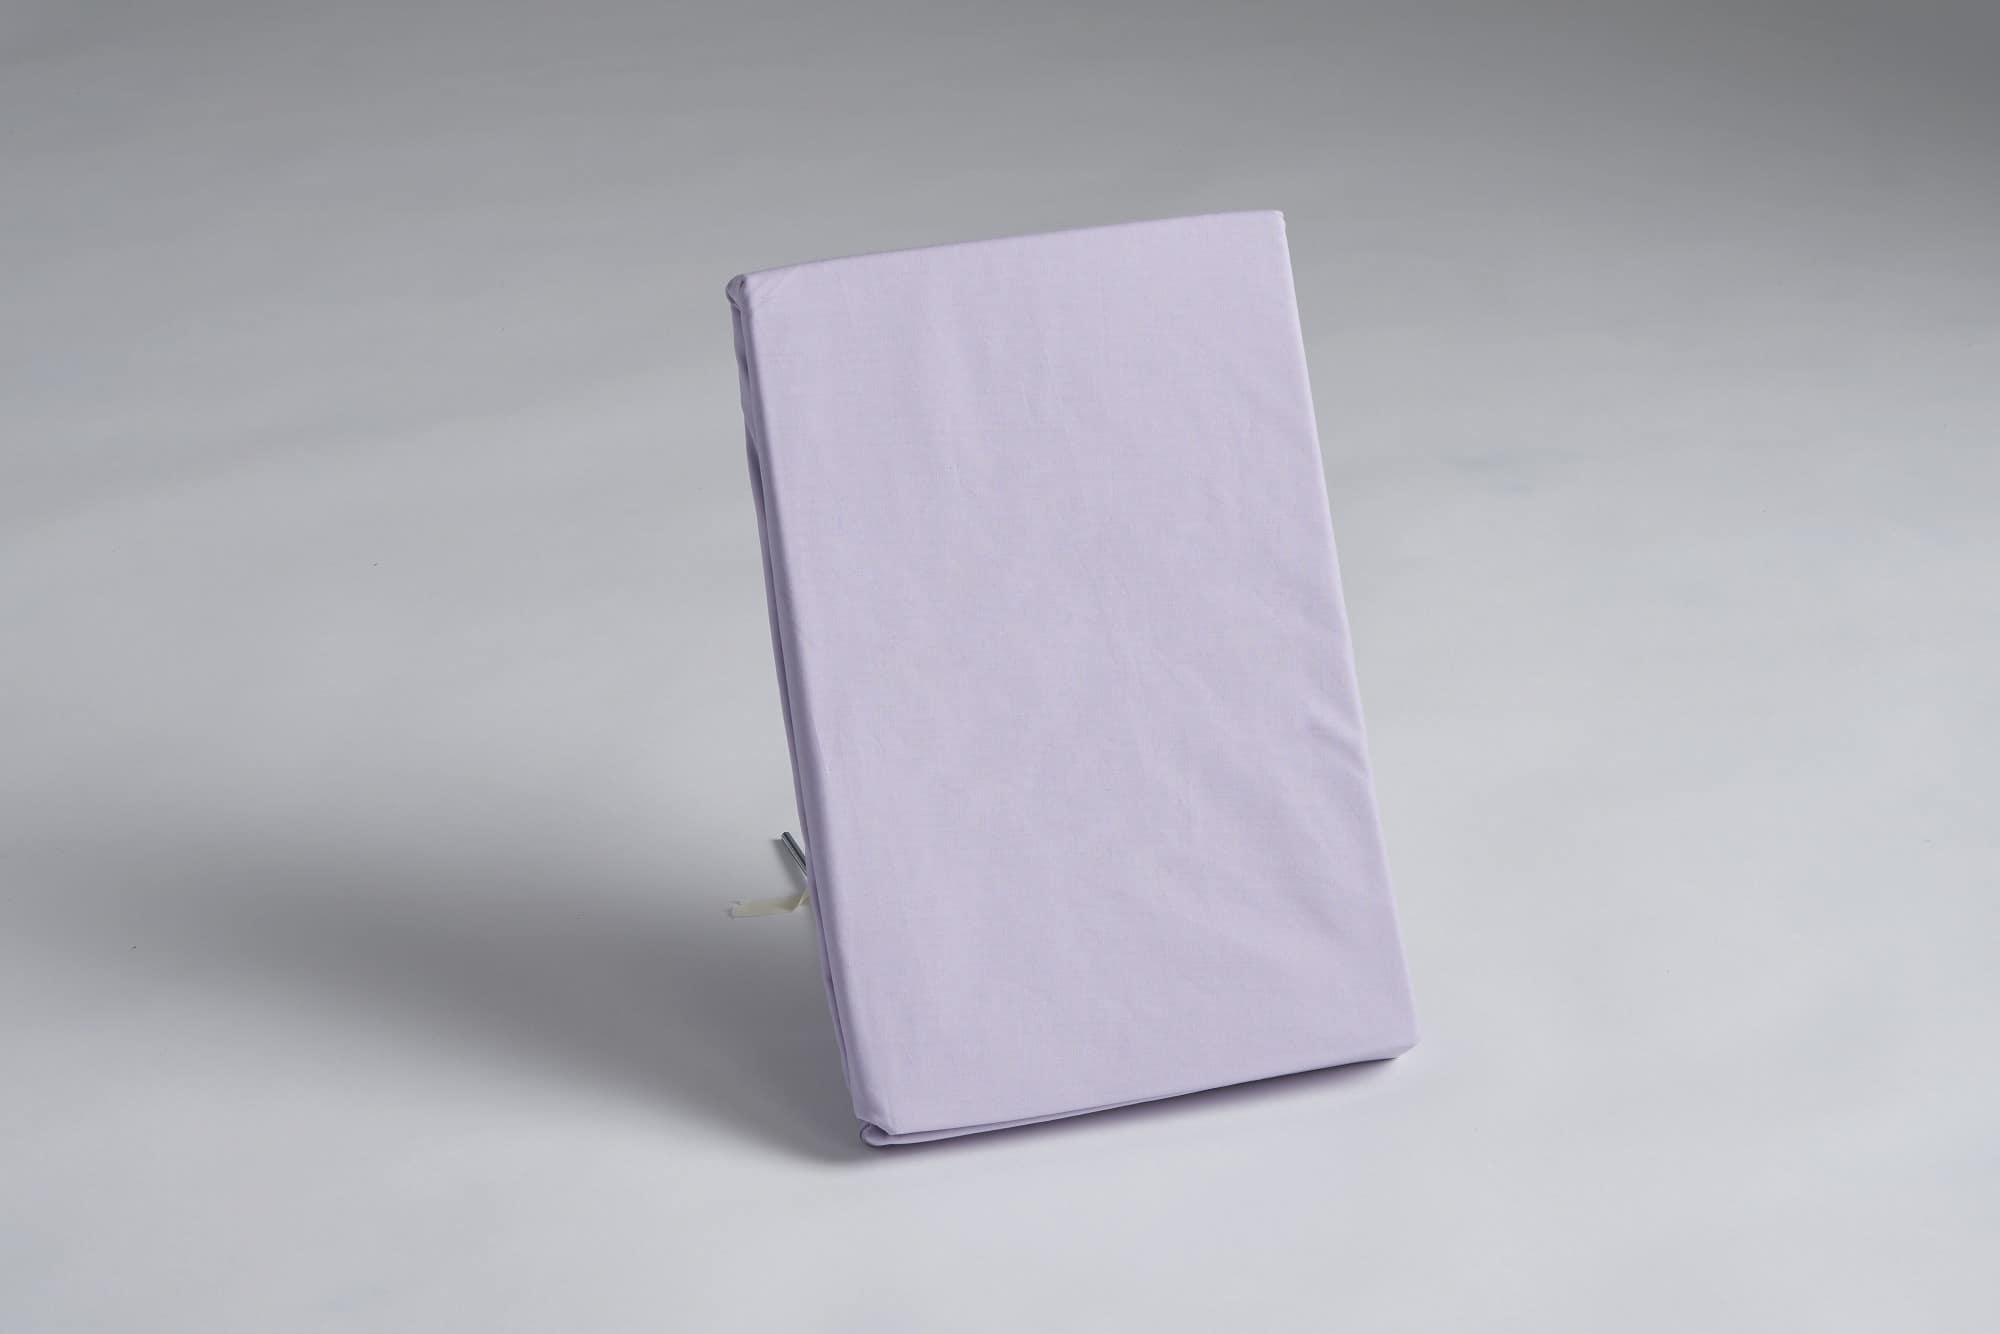 ボックスシーツ セミダブル用 30H パープル:《綿100%を使用したボックスシーツ》